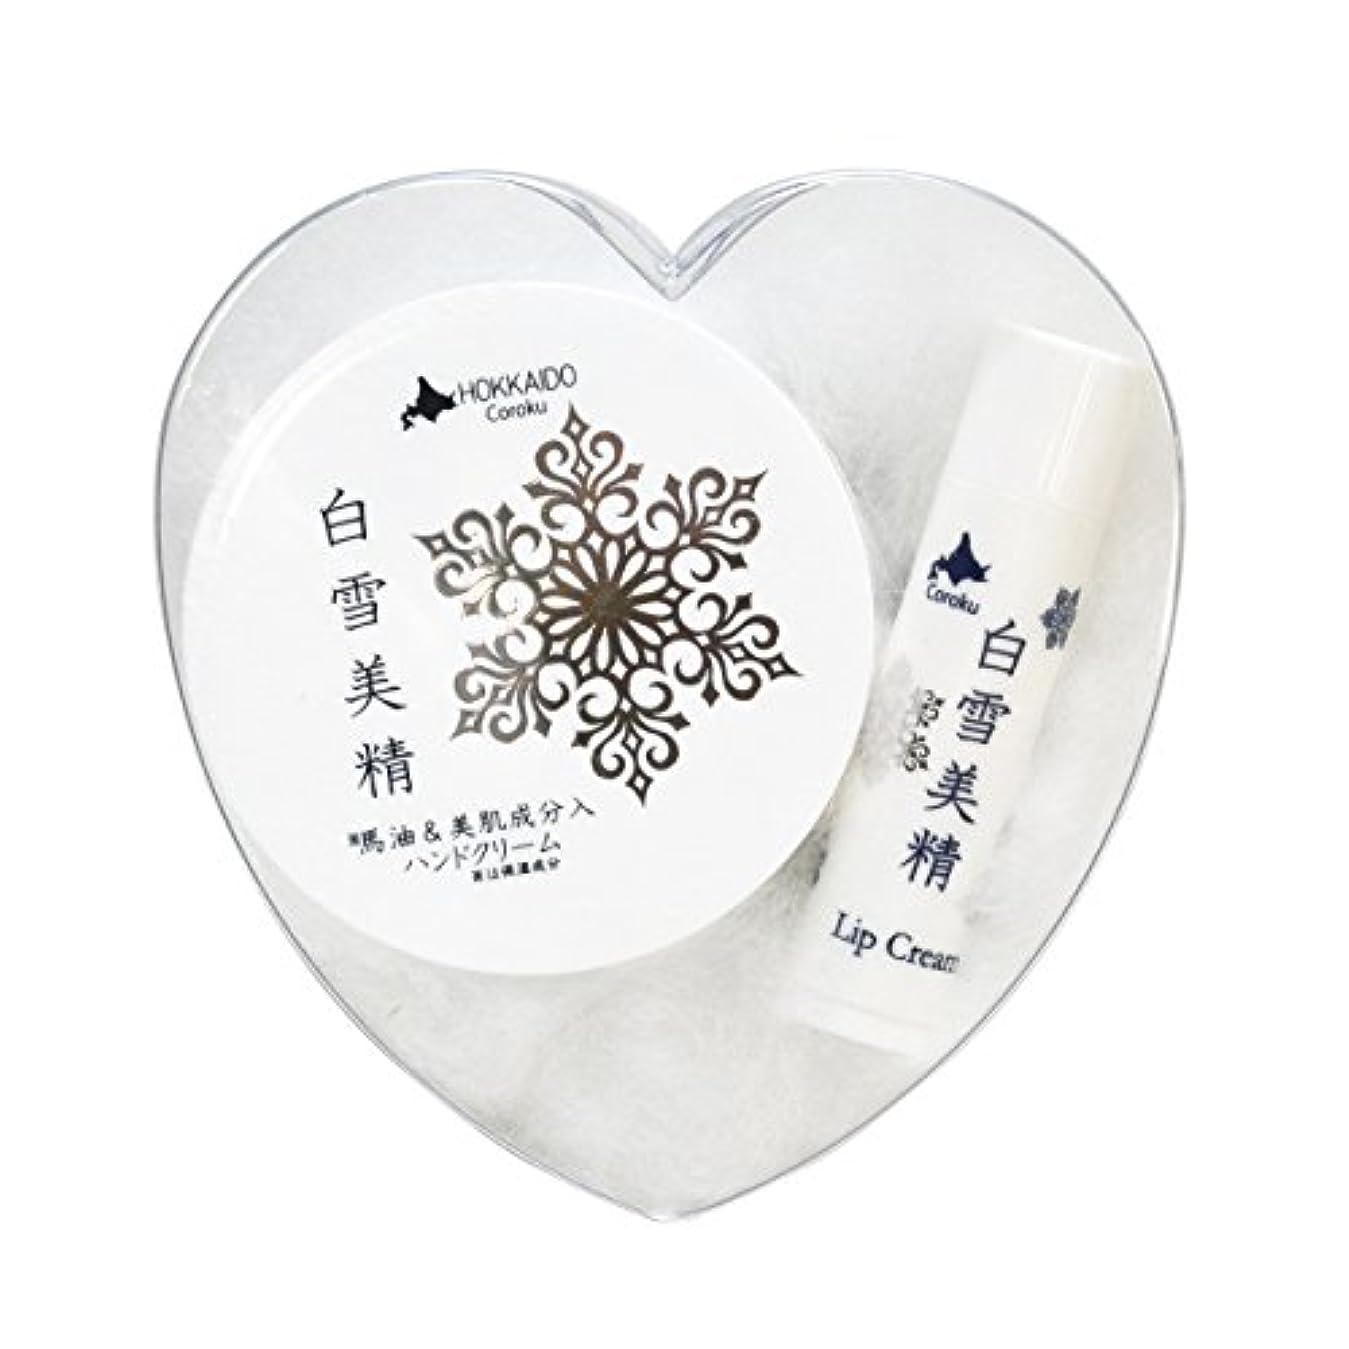 ウィザード地平線構成するCoroku 白雪美精ハートギフトセット(ハンドクリーム30g リップクリーム4g)